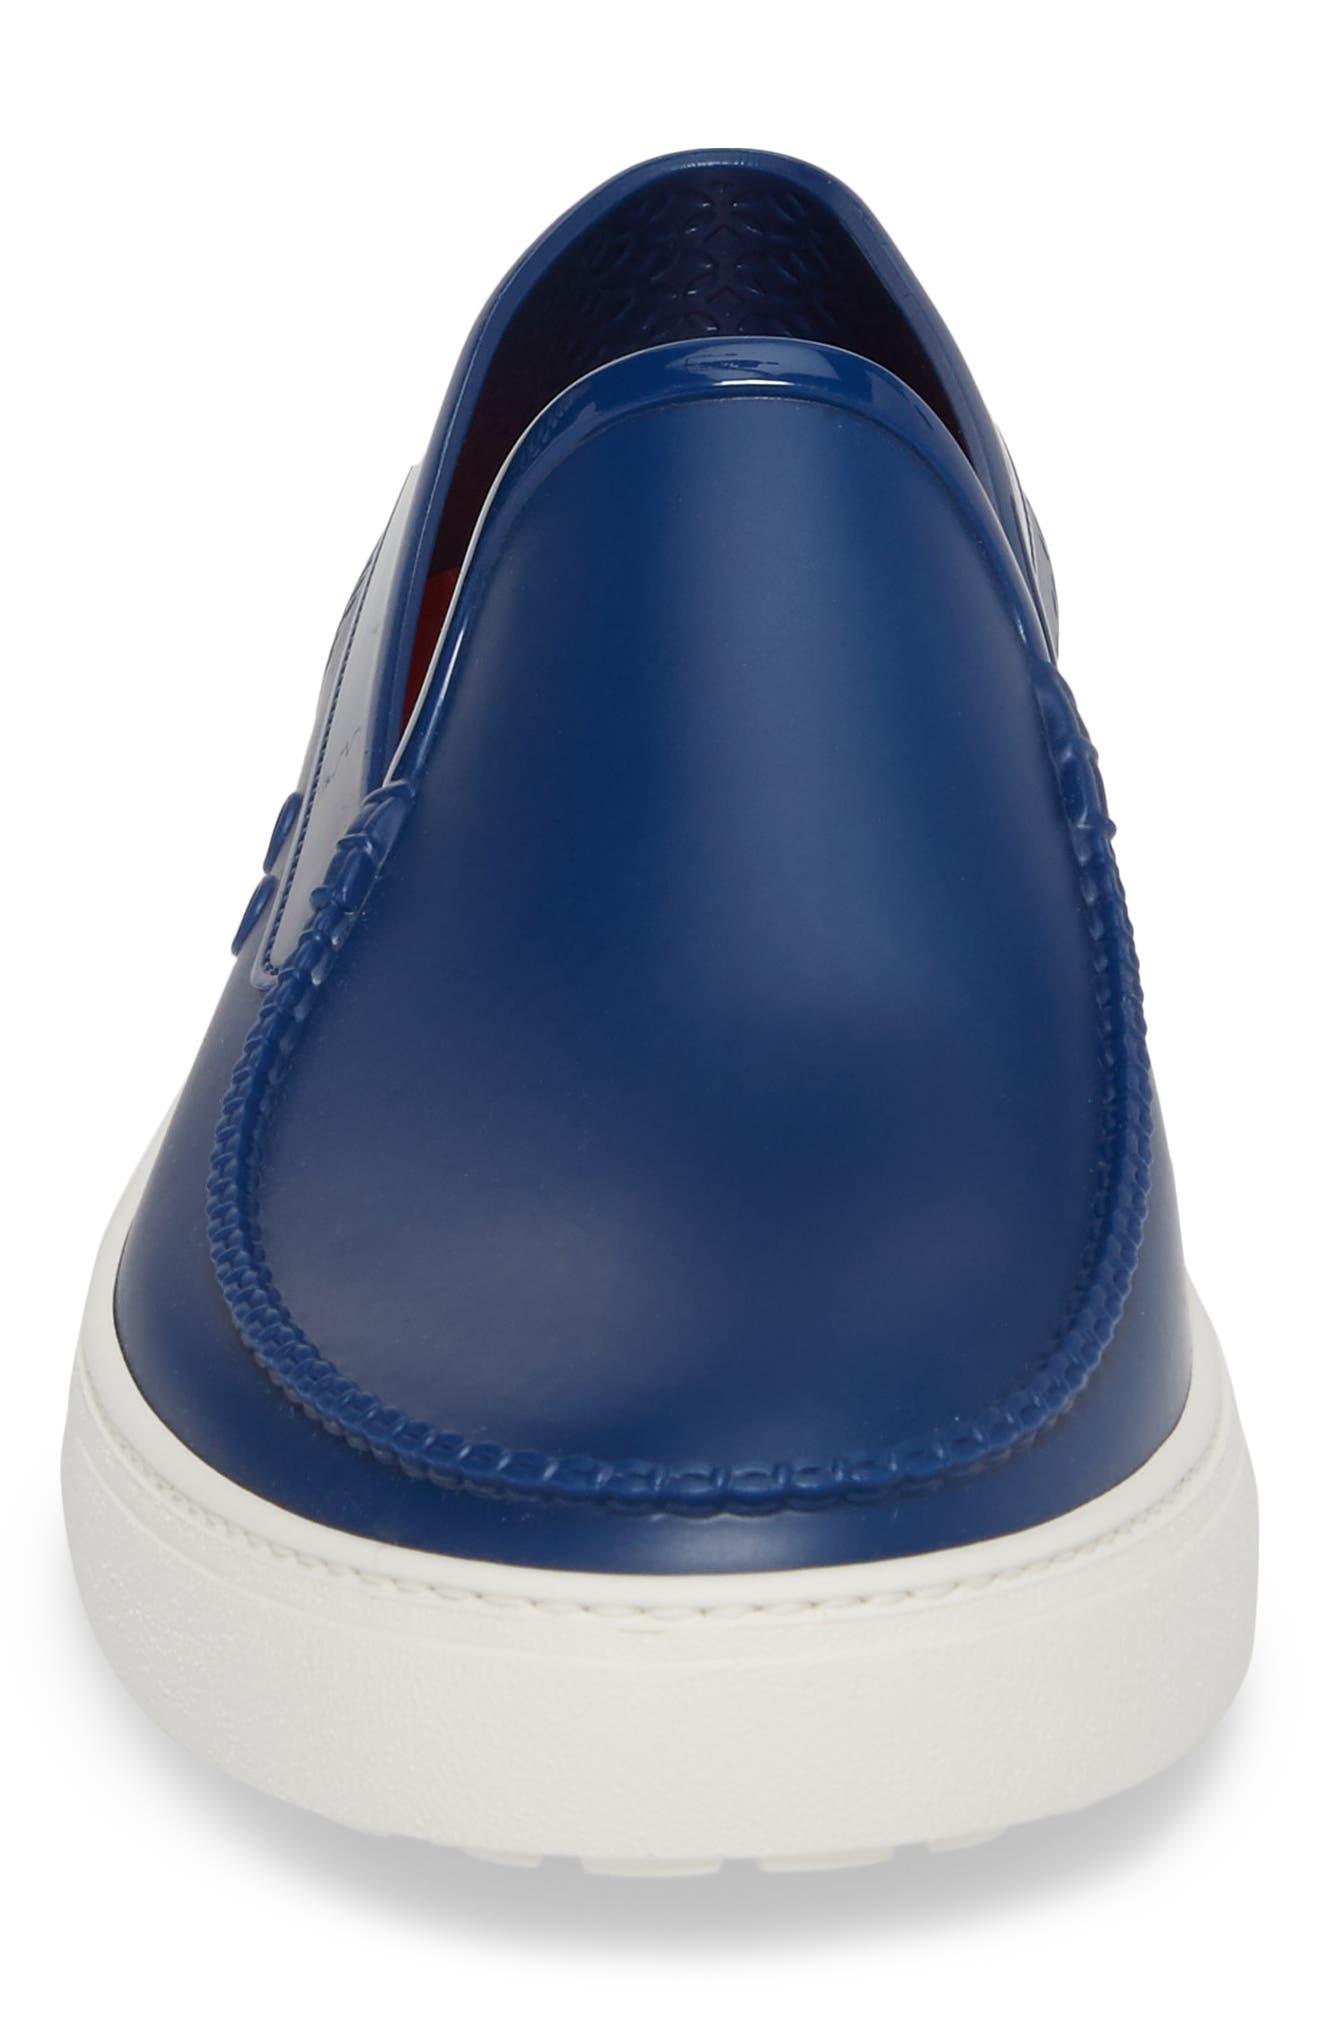 Fury Slip-On Sneaker,                             Alternate thumbnail 4, color,                             JET BLUE LEATHER